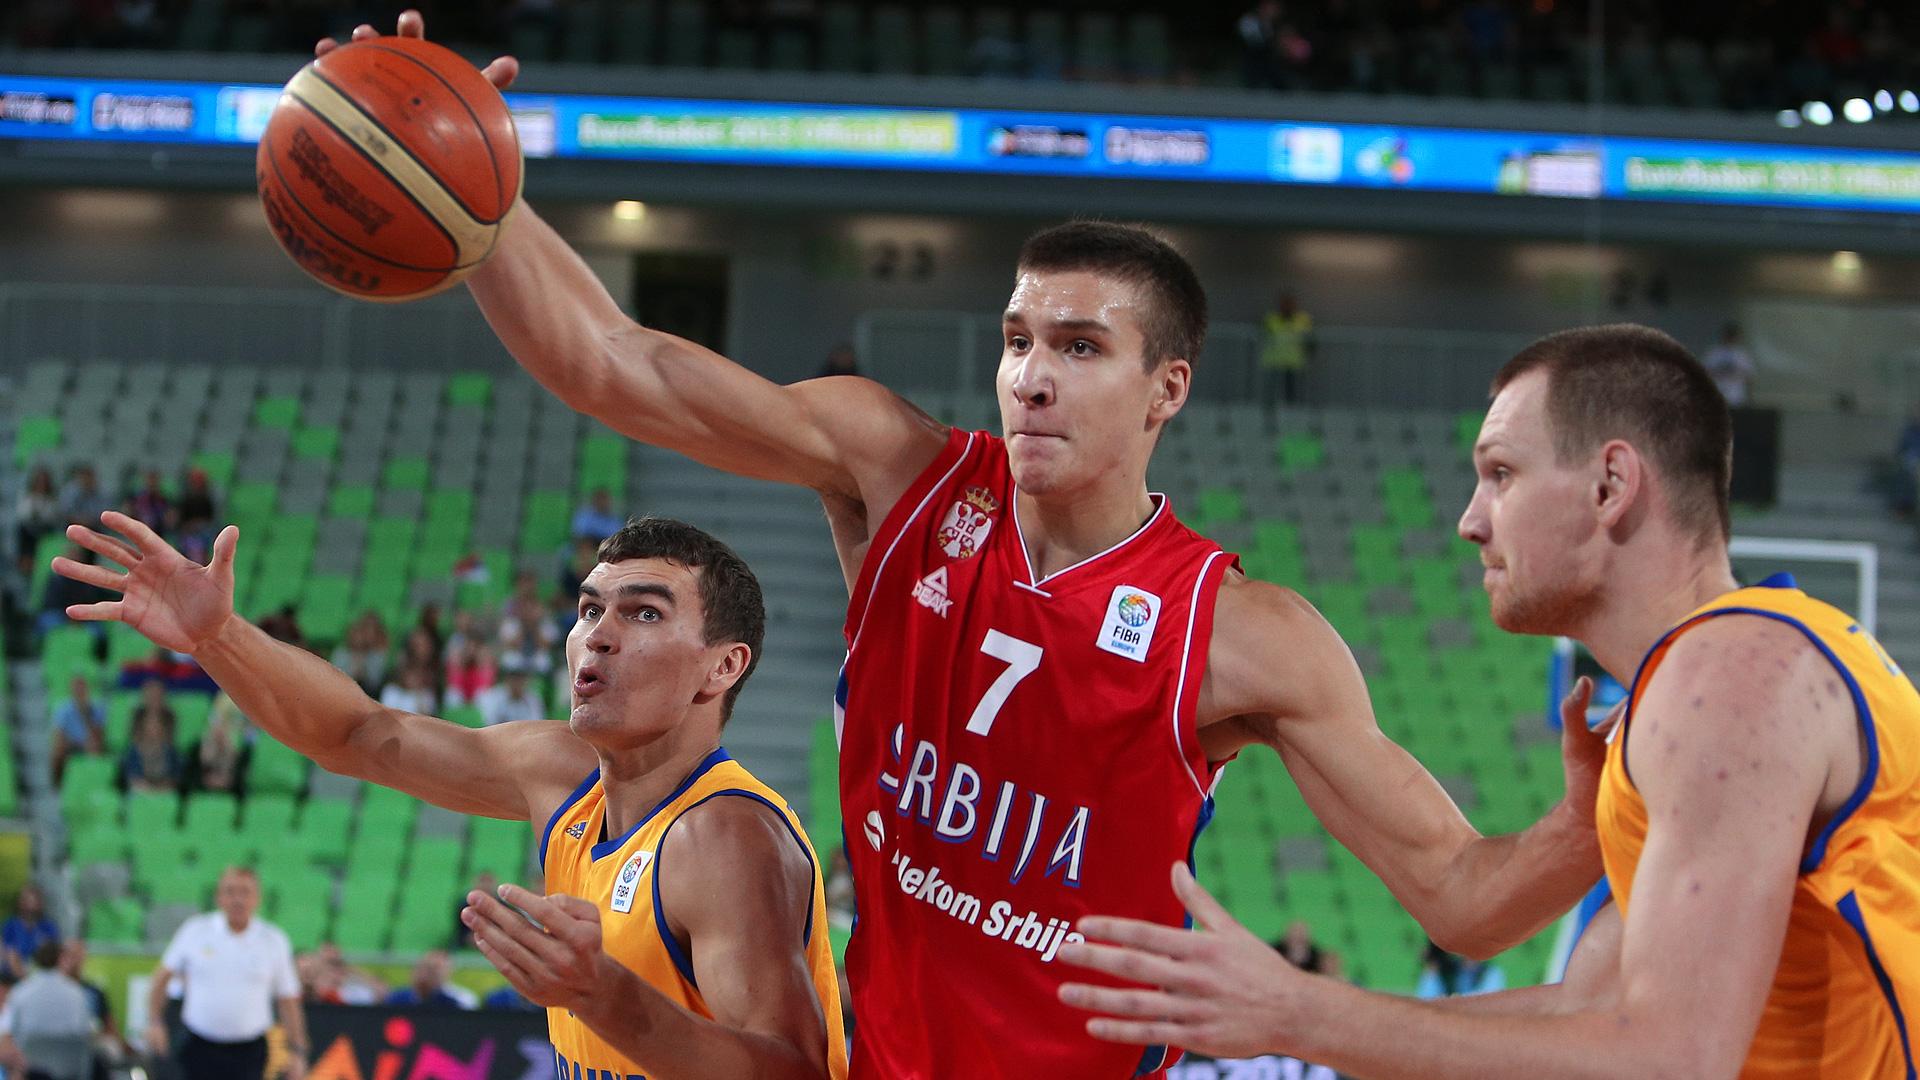 Bogdan Bogdanovic-060414-AP-FTR.jpg